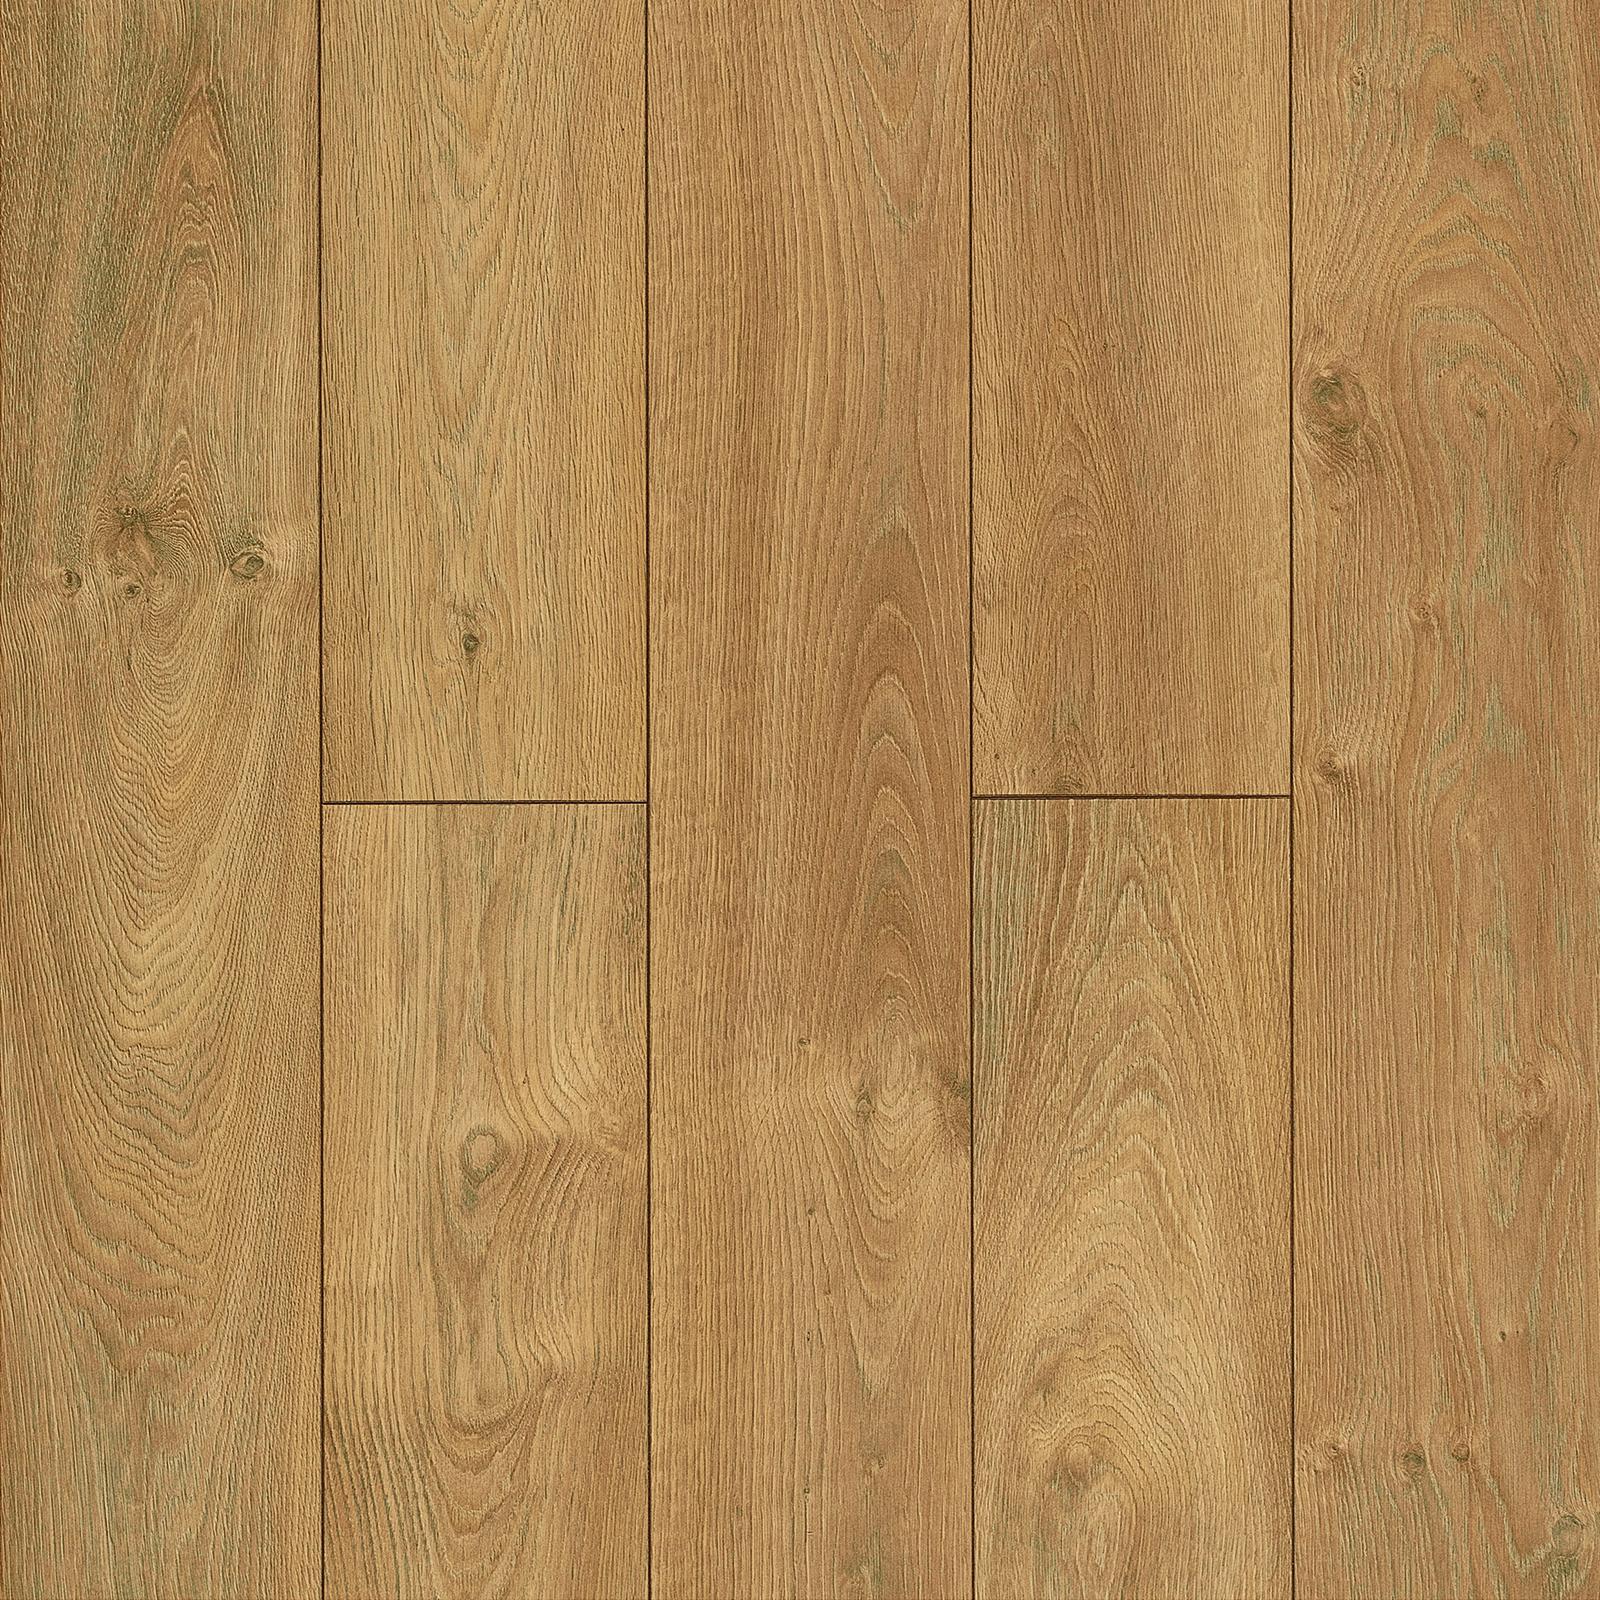 Brushed, Livorno Oak (4358)